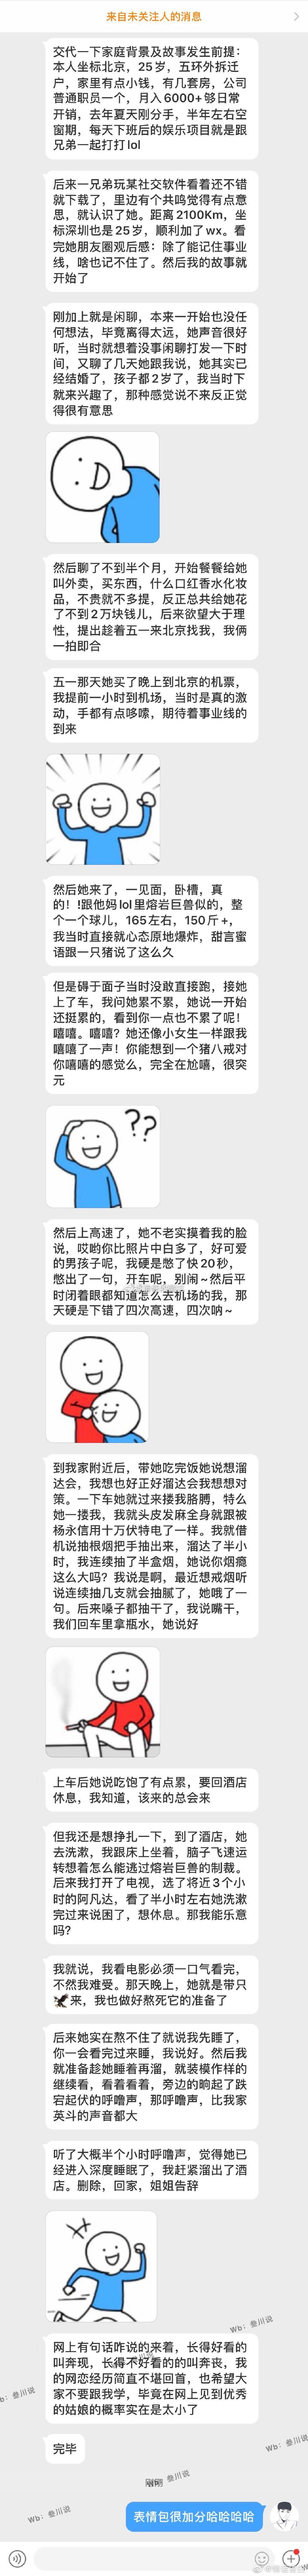 情感语录-网恋奔现翻车日记哈哈哈...